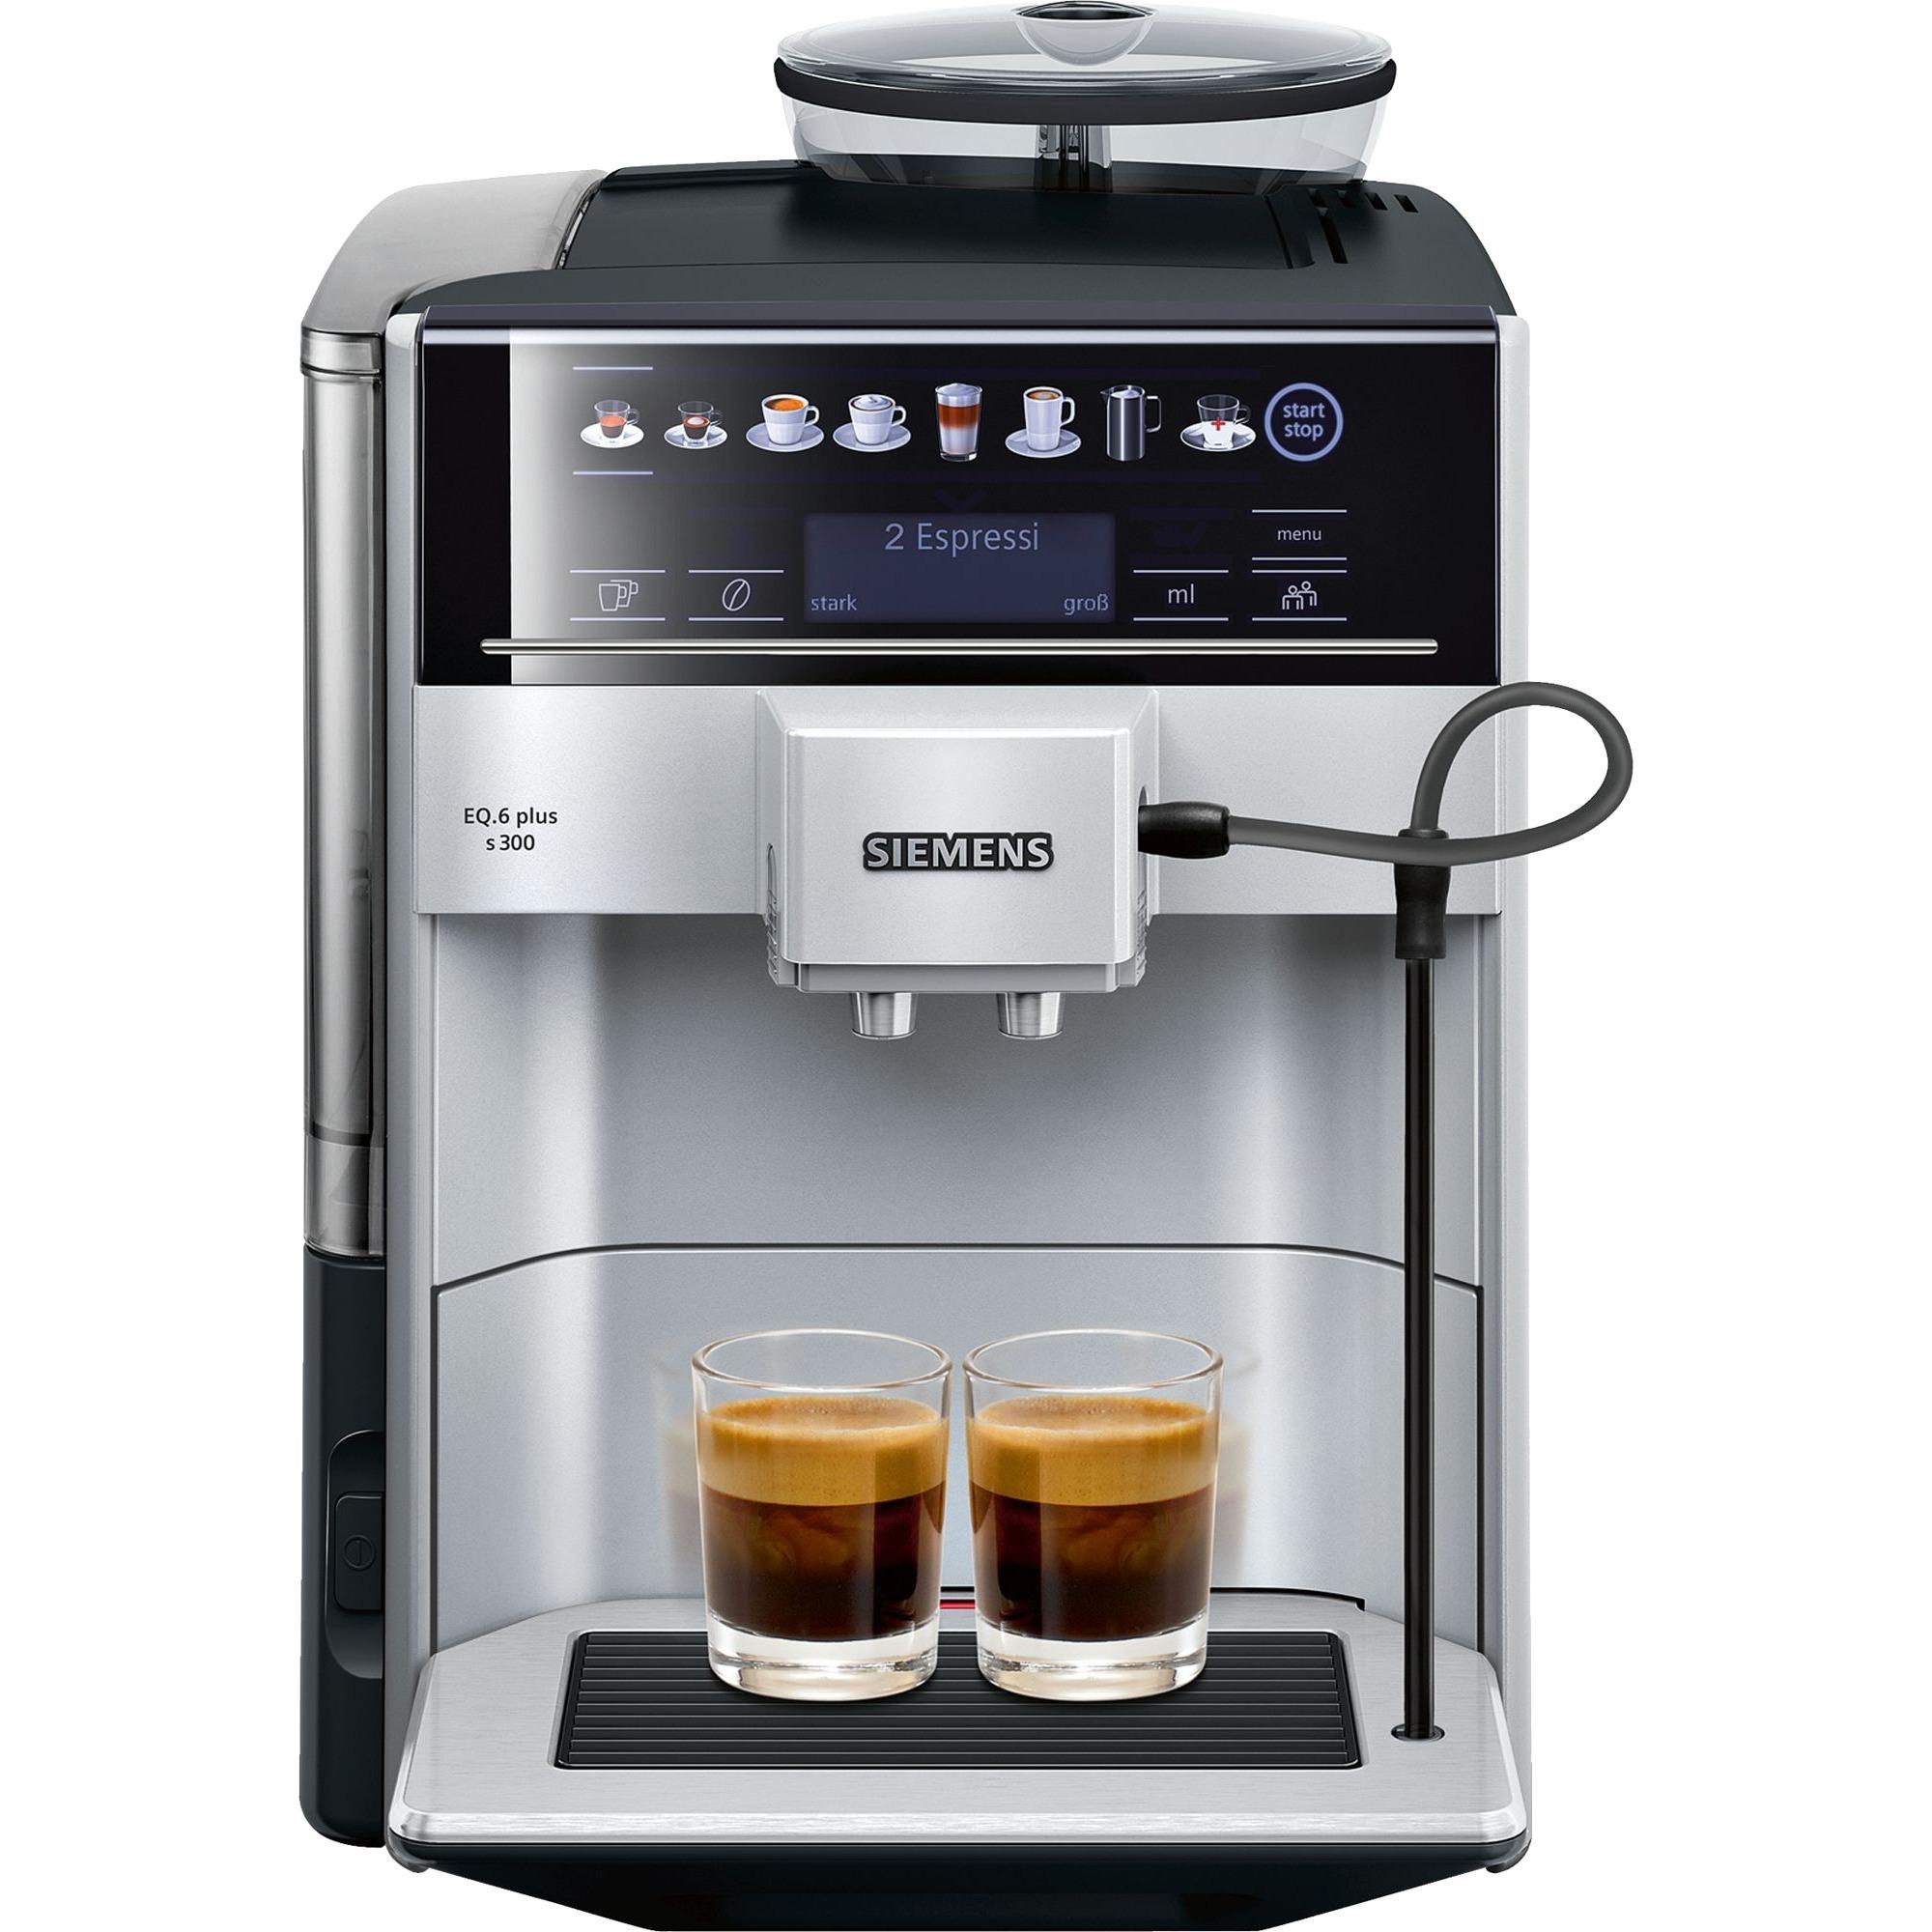 EQ.6 plus s300 Independiente Totalmente automática Máquina espresso 1.7L 2tazas Negro, Gris, Superautomática